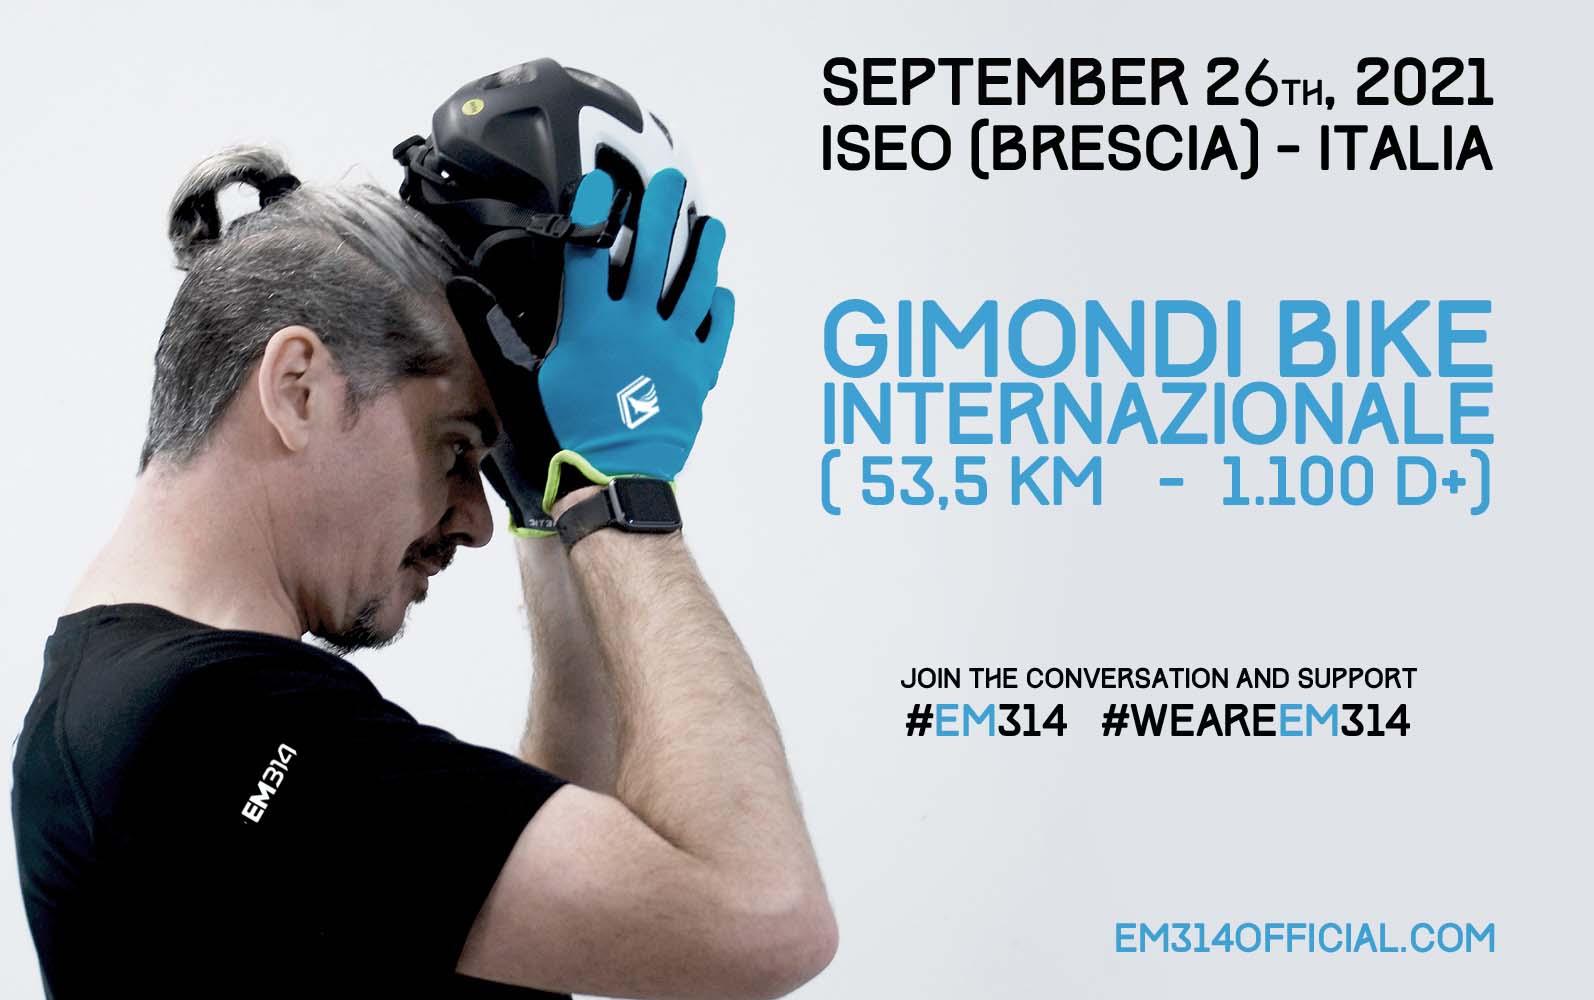 """Emmanuele Macaluso """"EM314"""" - l'atleta più green d'Italia - partecipa alla Gimondi Bike Internazionale"""